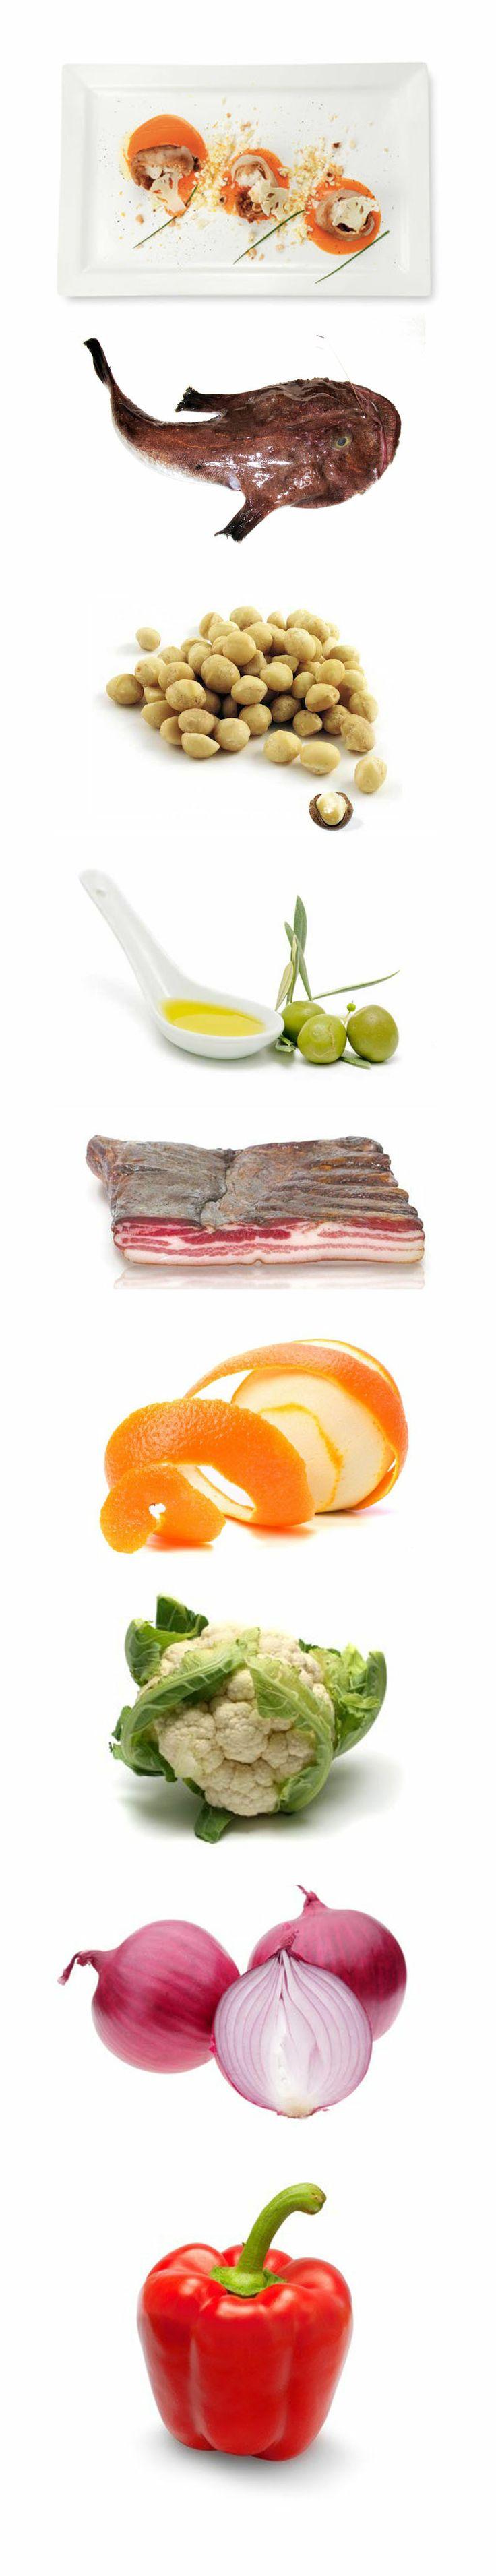 Medaglioni di rana pescatrice con noci di macadamia e pancetta su passata di peperoni e cavolfiori.  Preparazione: per la passata pulire la cipolla e i peperoni rossi e tagliarli a pezzi grossolani, metterli in una casseruola con un po' di olio di oliva e il brodo di pesce. Fare cuocere tutto molto bene e frullare con il mini pimer; se occorre passare al colino cinese...http://www.fruttaebacche.it/medaglioni-pescatrice-noci-di-macadamia/ #ranapescatrice #macadamianuts #recipe #ricette…